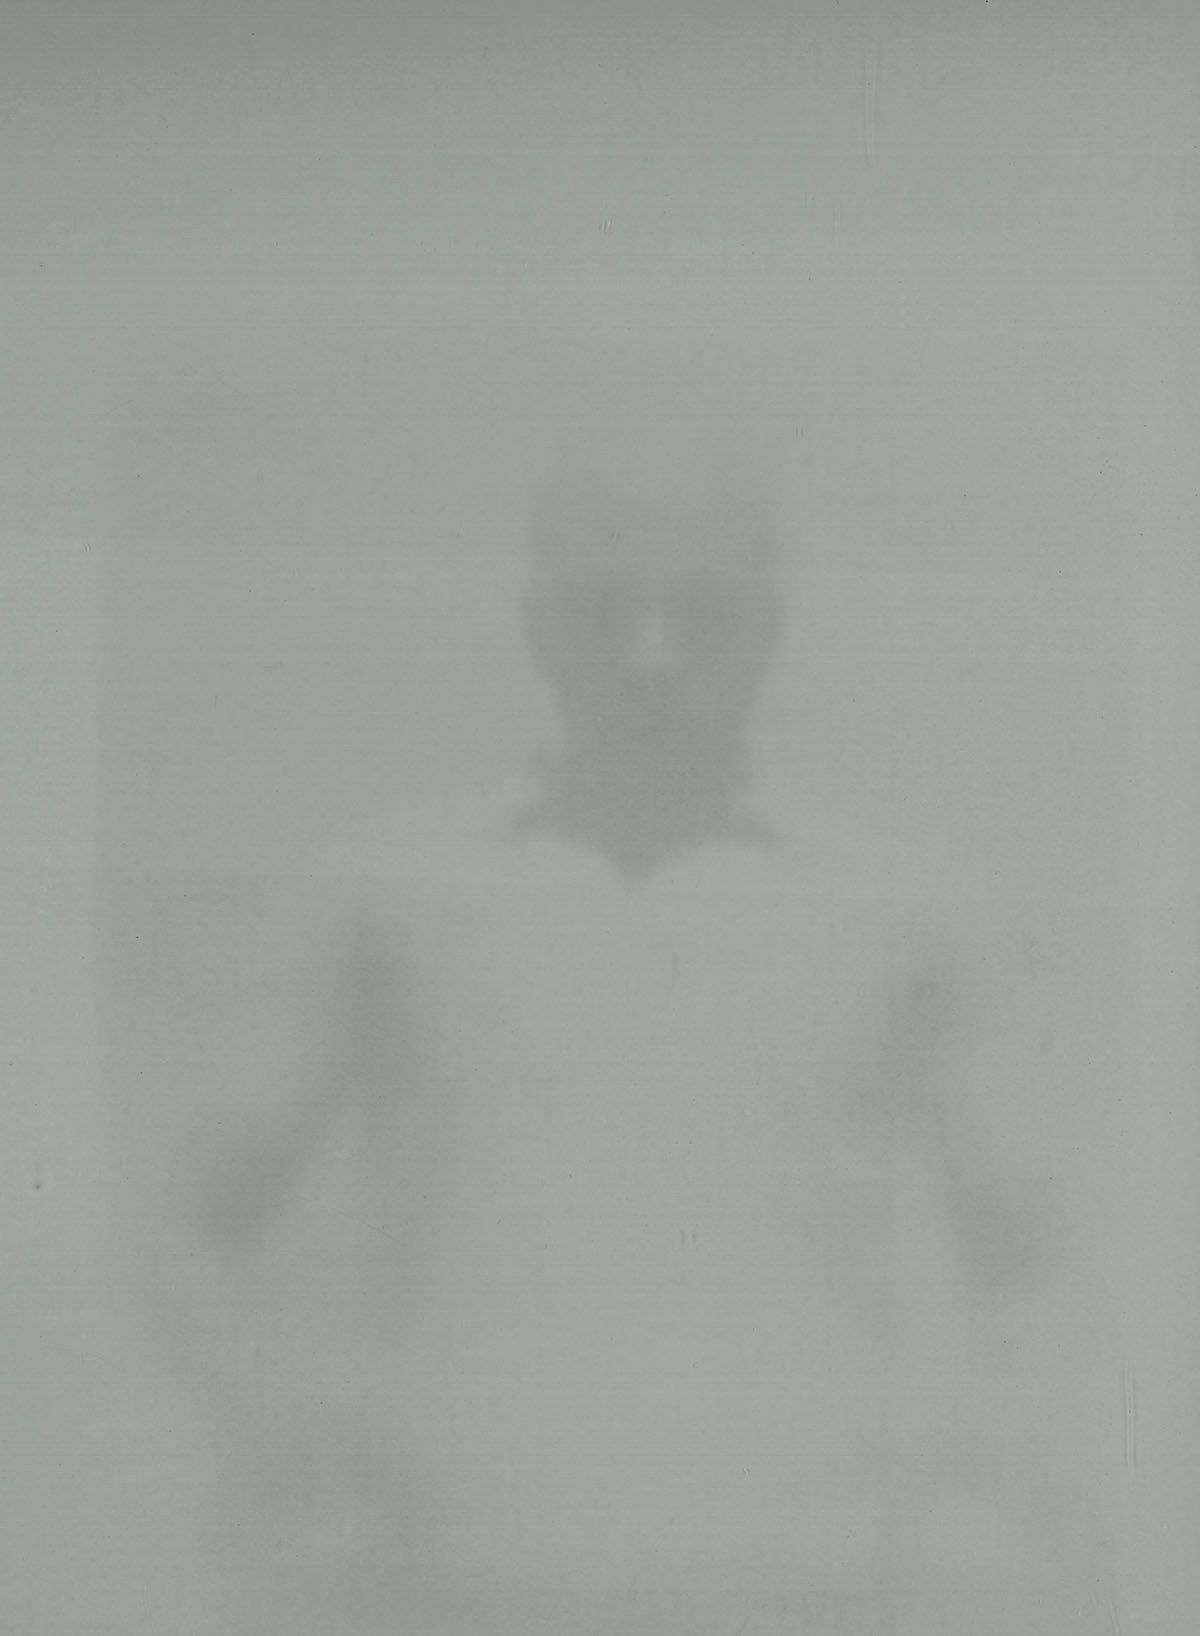 Maximiliane Leni Armann, Brian